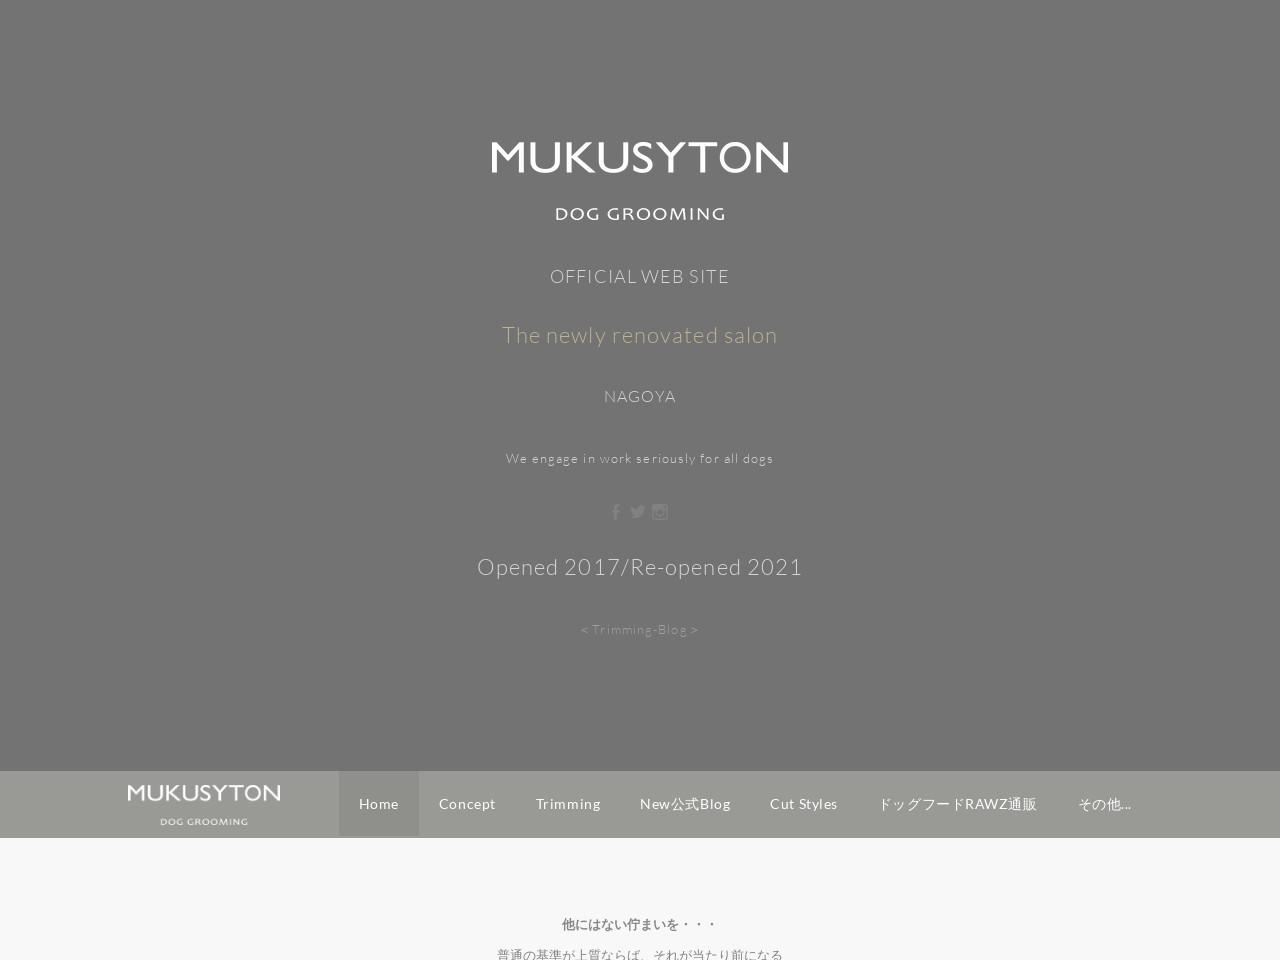 ムクシトン(MUKUSYTON)